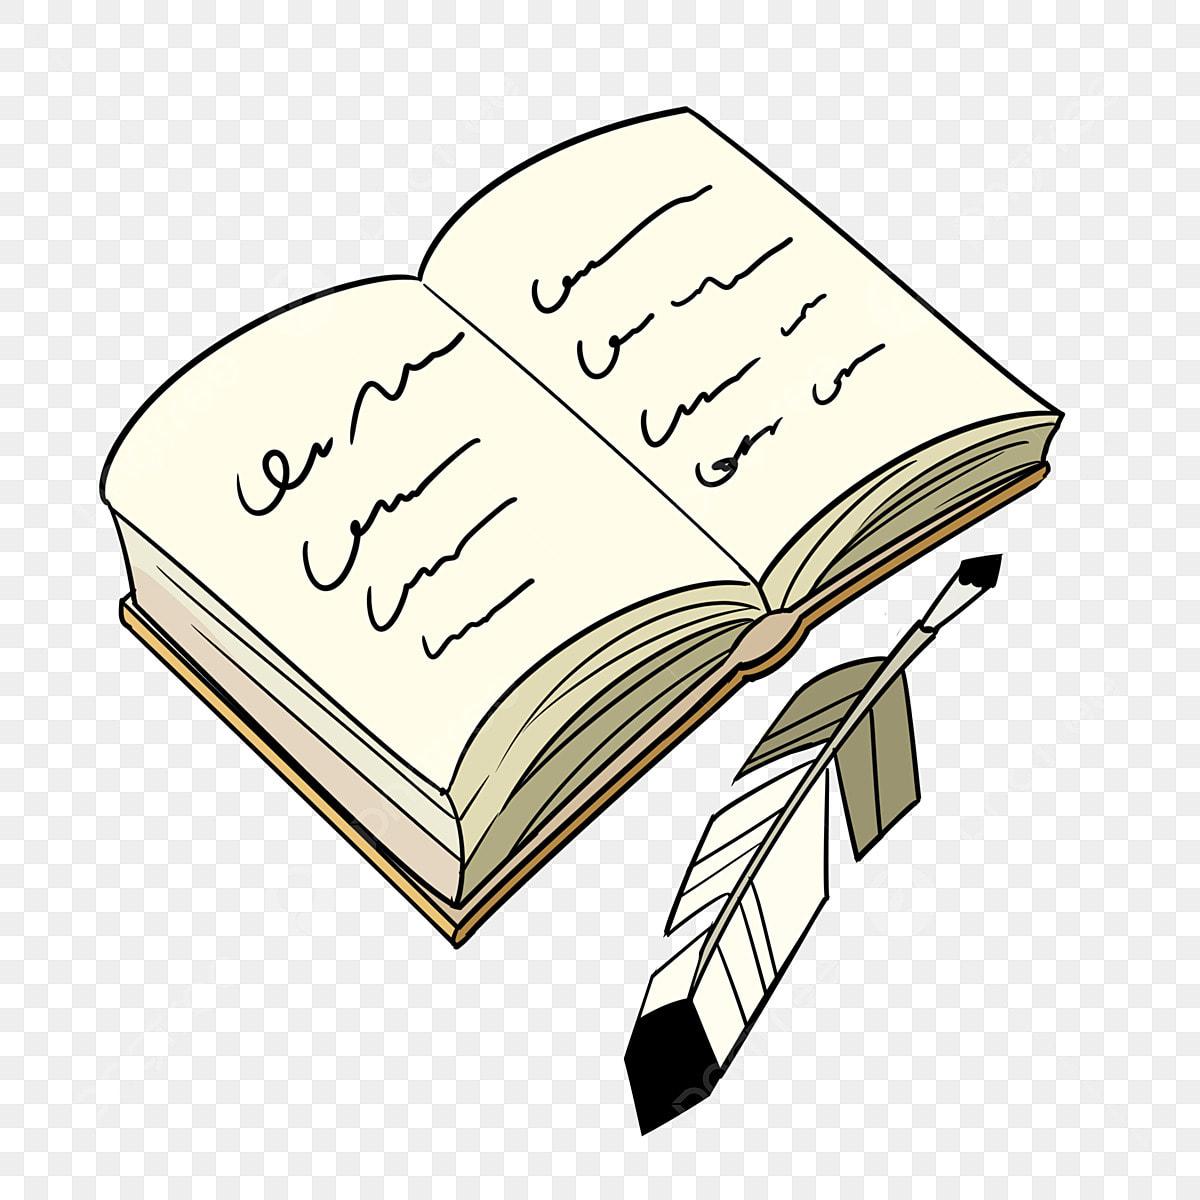 كتاب مفتوح ريشة القلم التوضيح كتاب مفتوح كتاب رسوم متحركة قلم ريشة Png وملف Psd للتحميل مجانا